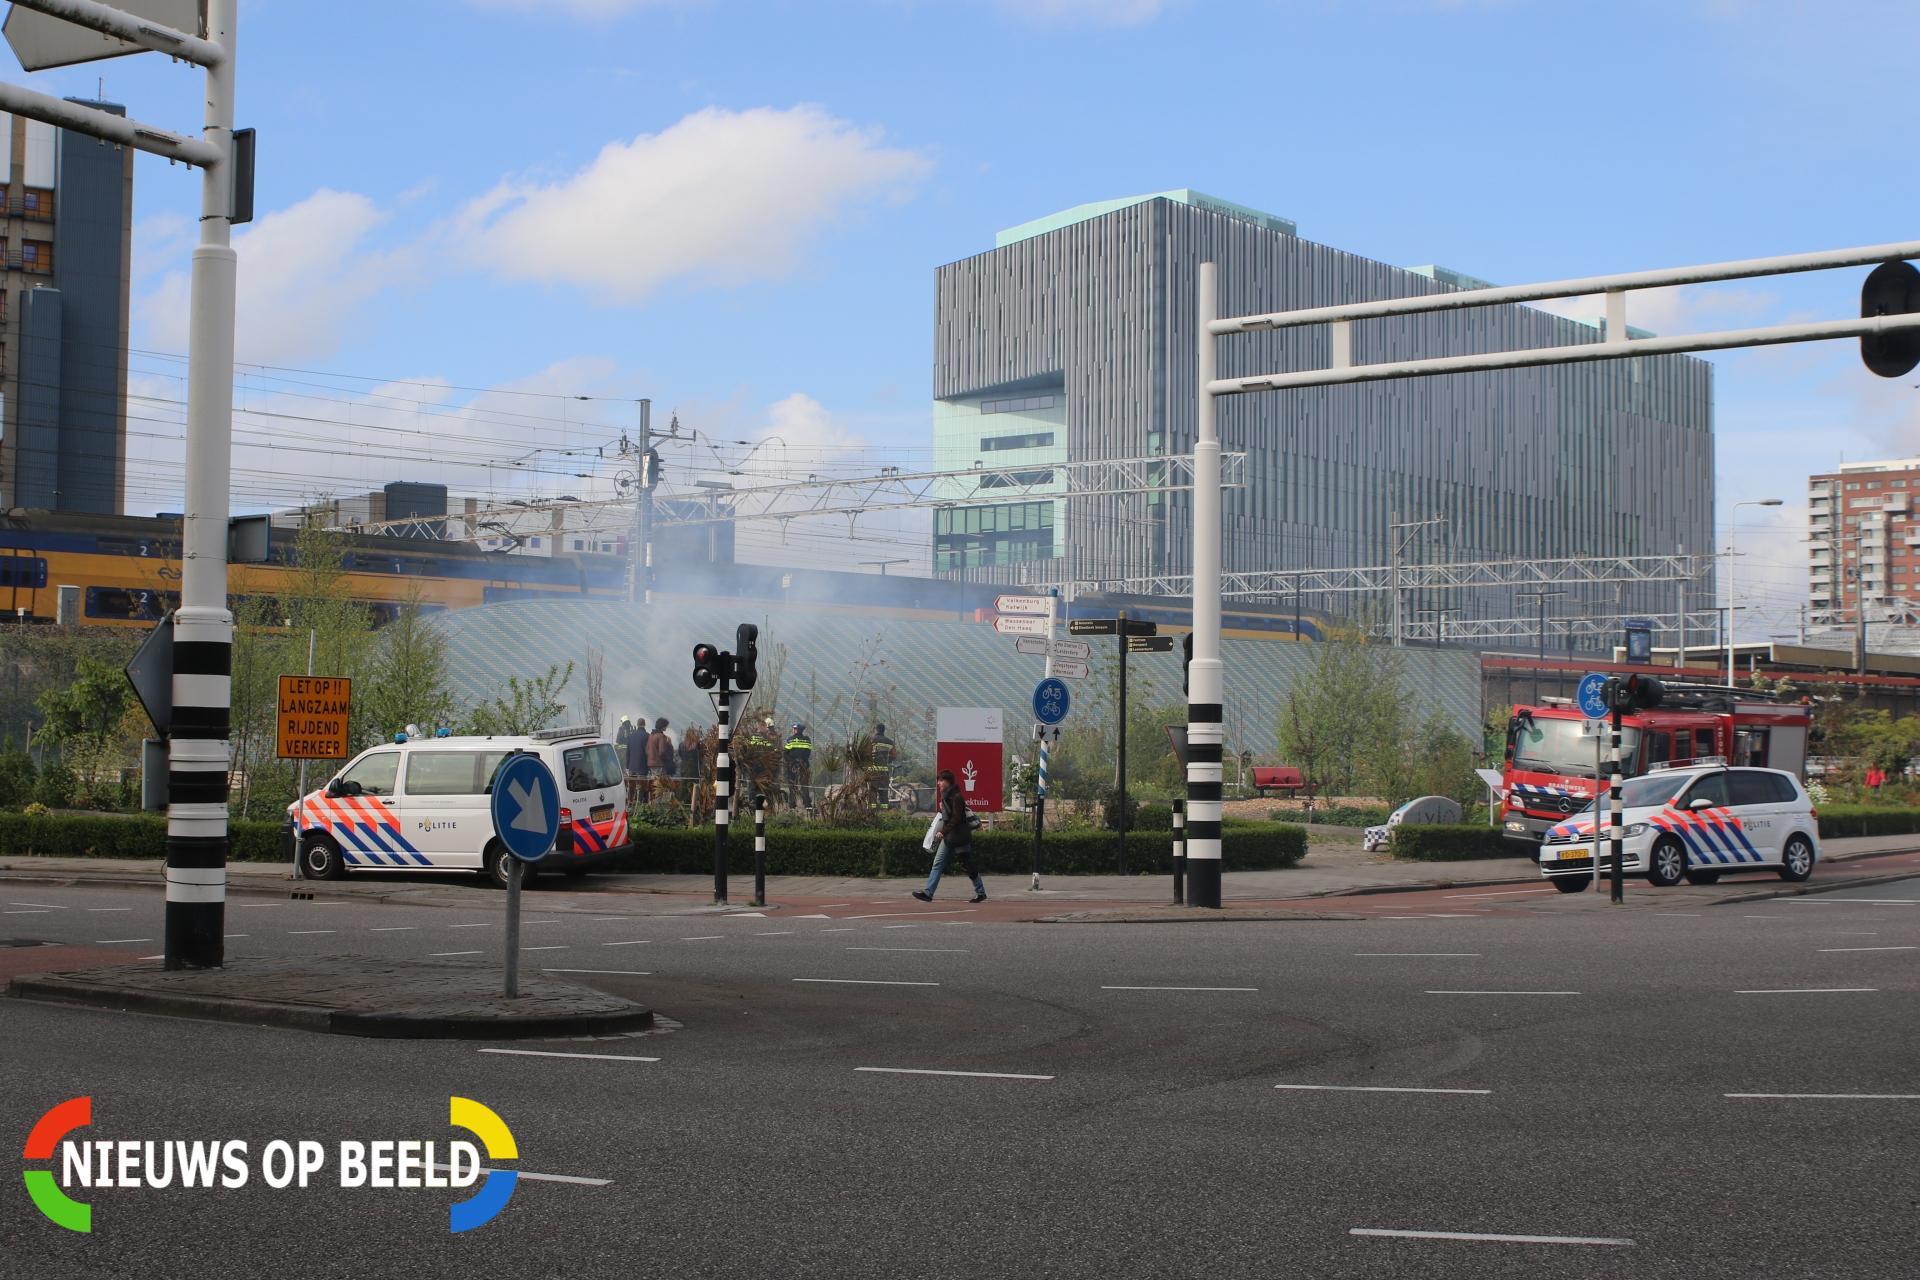 Flinke rookontwikkeling bij buitenbrand in Kweektuin Singelpark Stationsplein Leiden